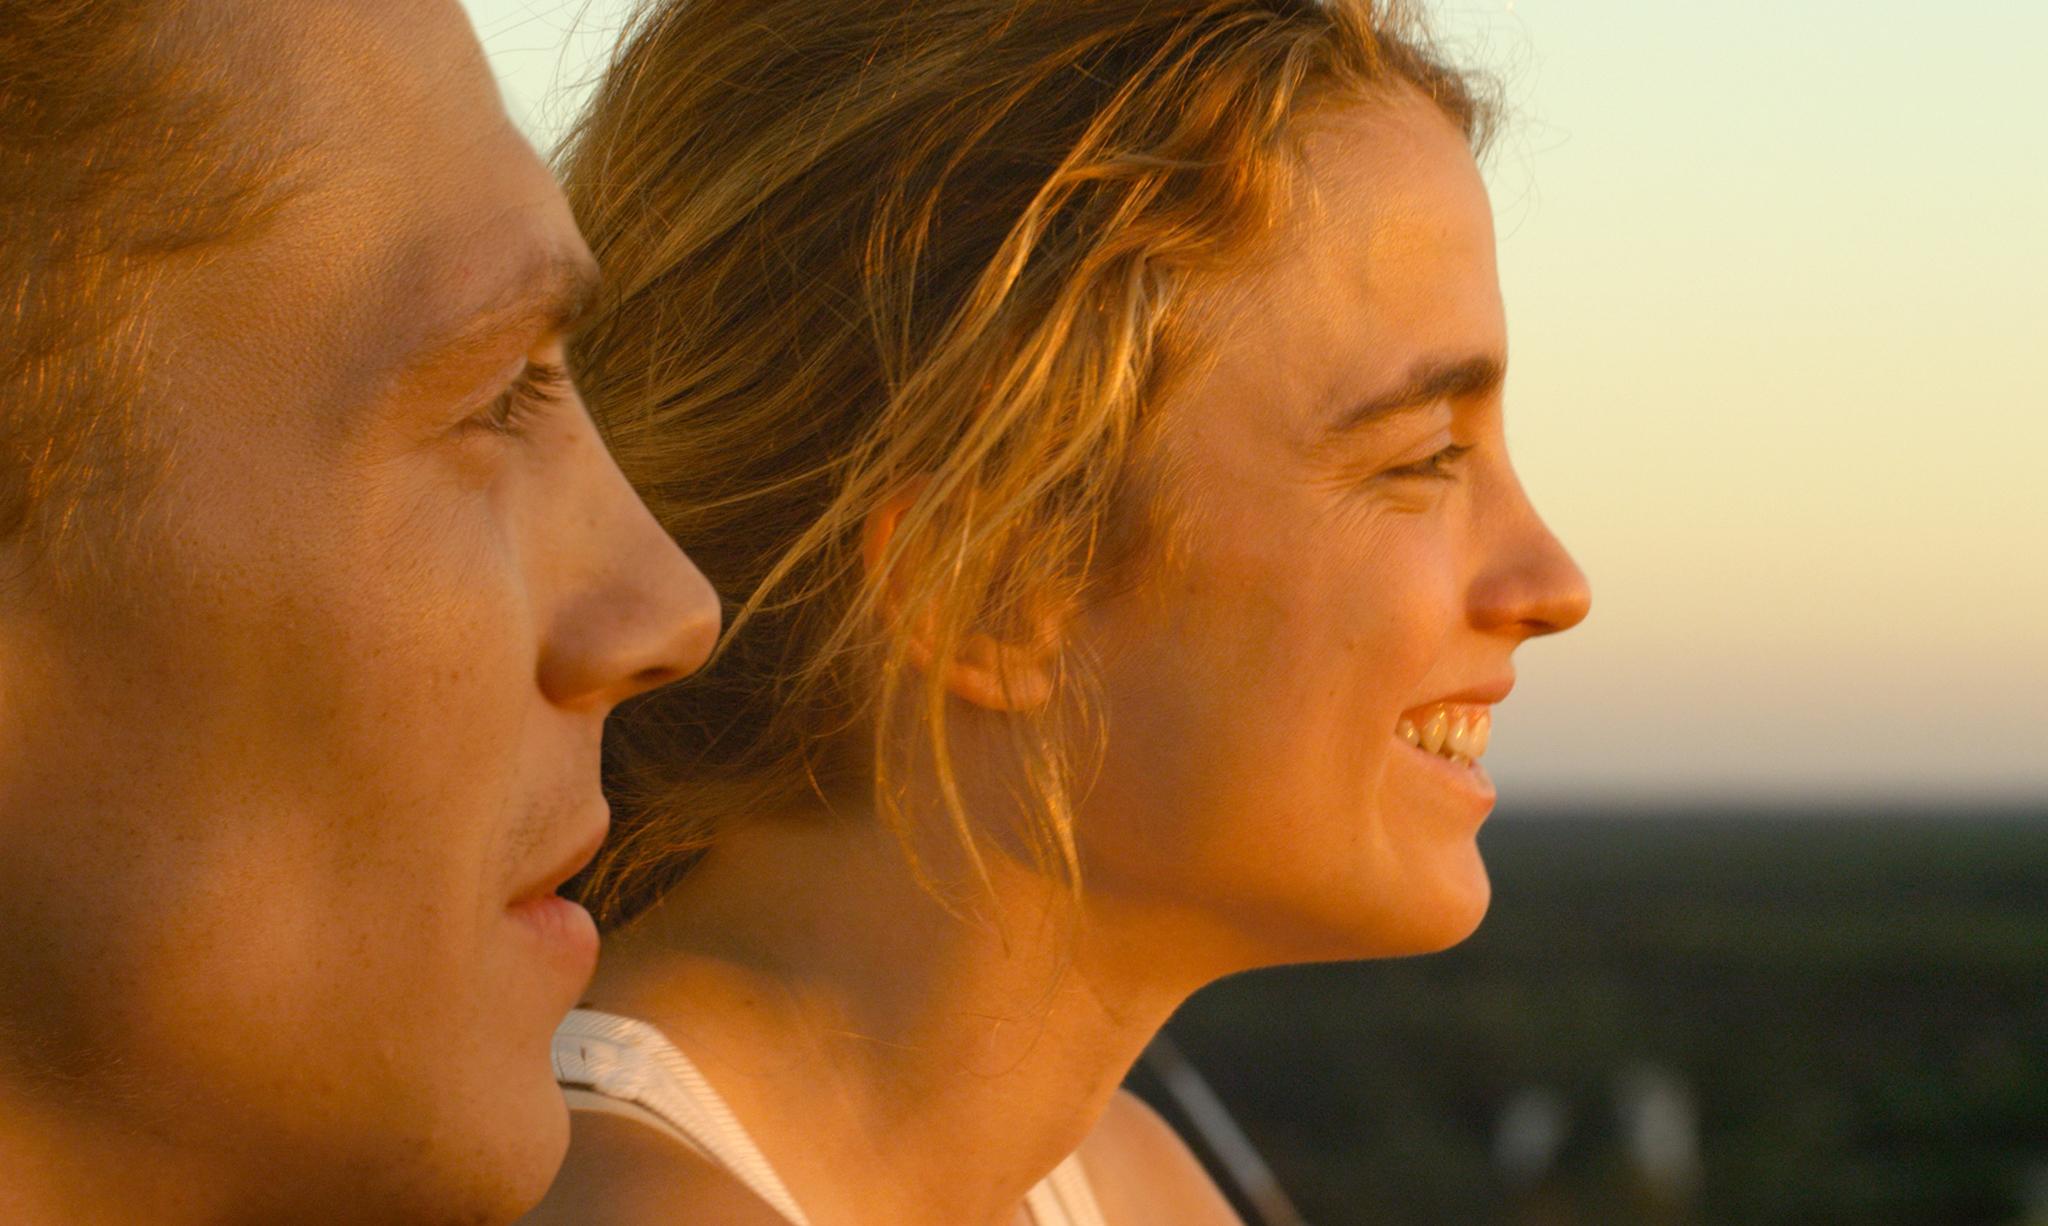 Adèle Haenel and Kévin Azaïs in Les combattants (2014)